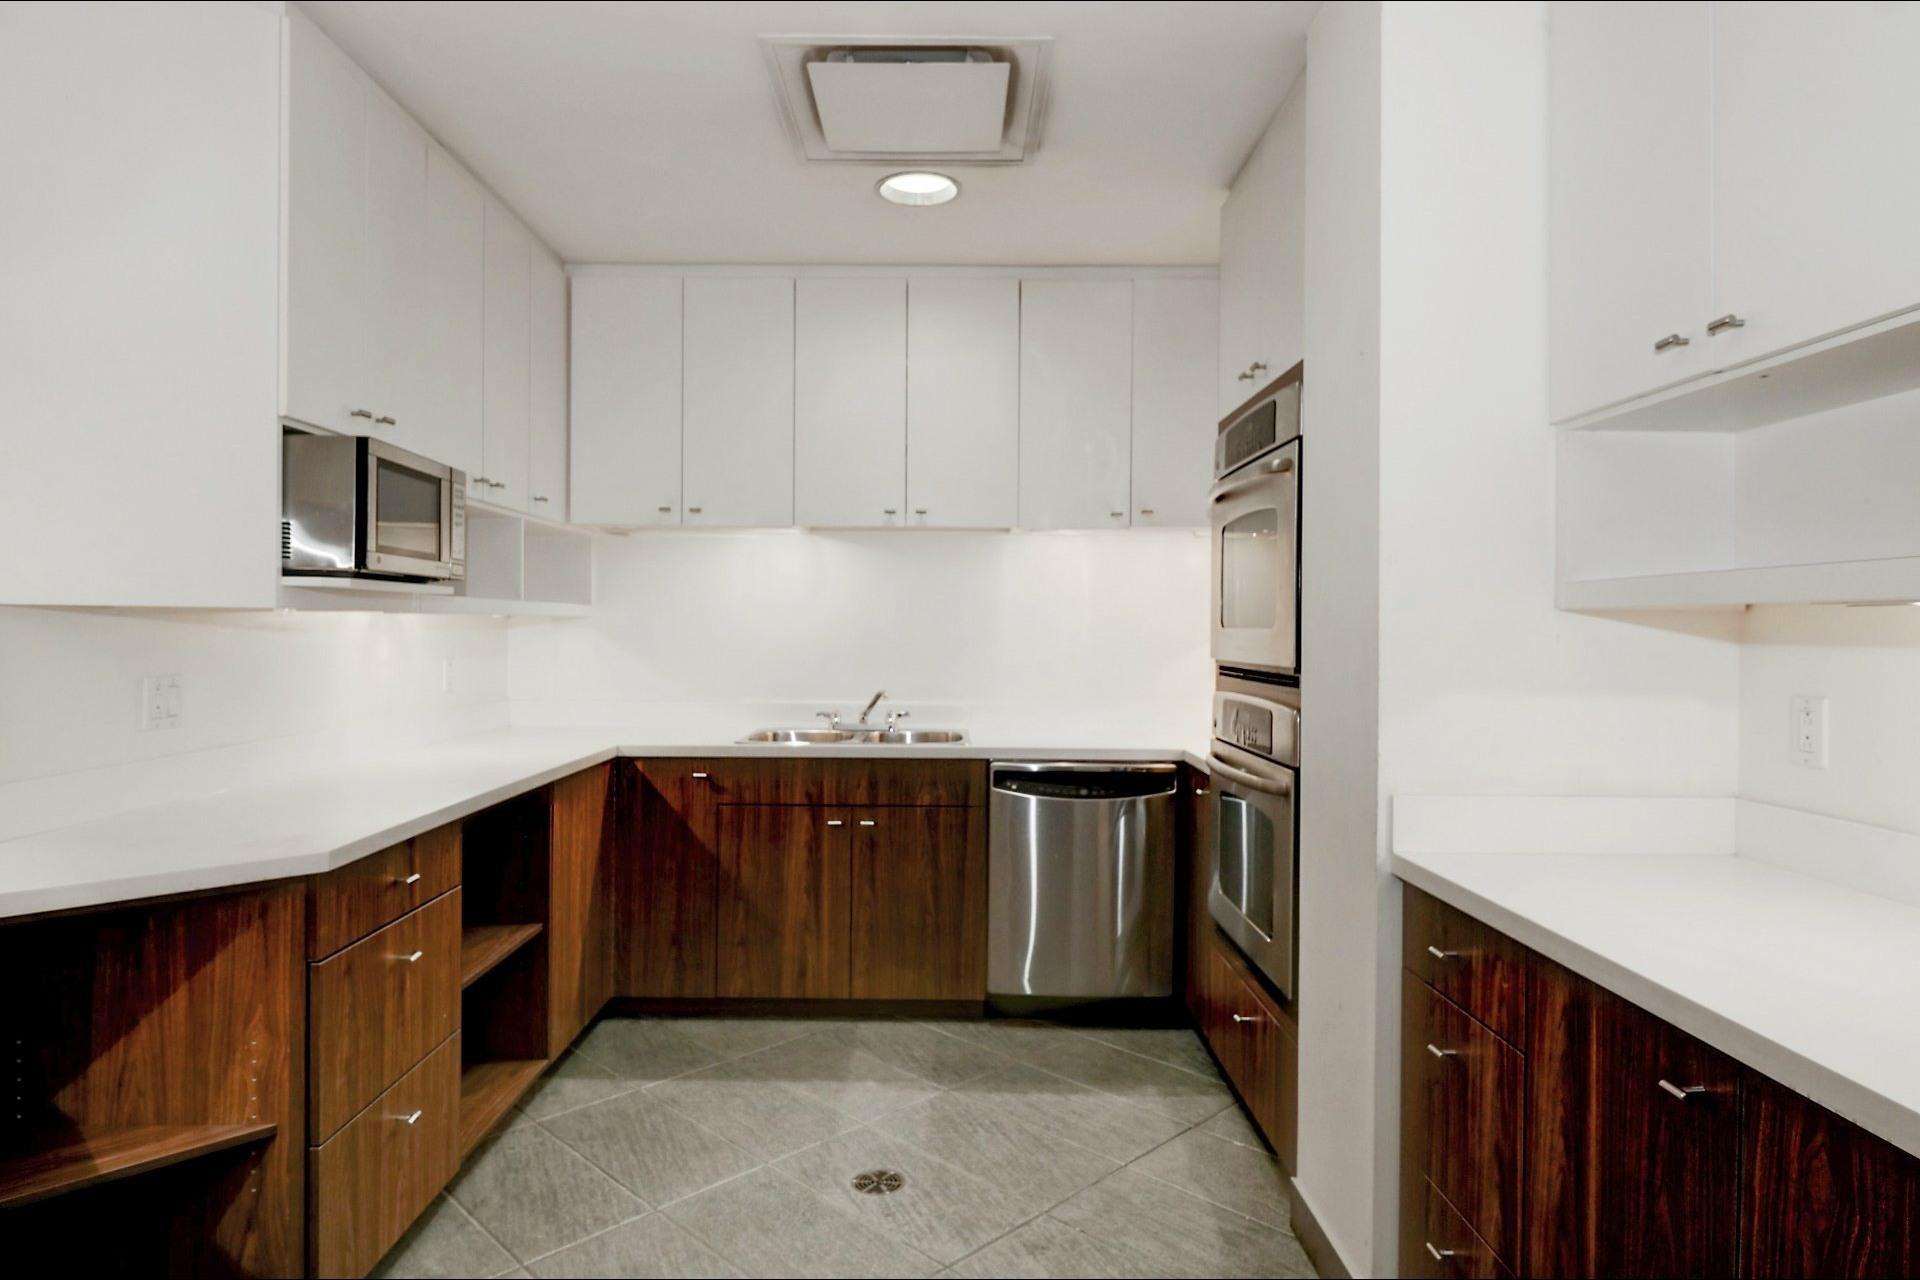 image 31 - Appartement À vendre Montréal Verdun/Île-des-Soeurs  - 9 pièces